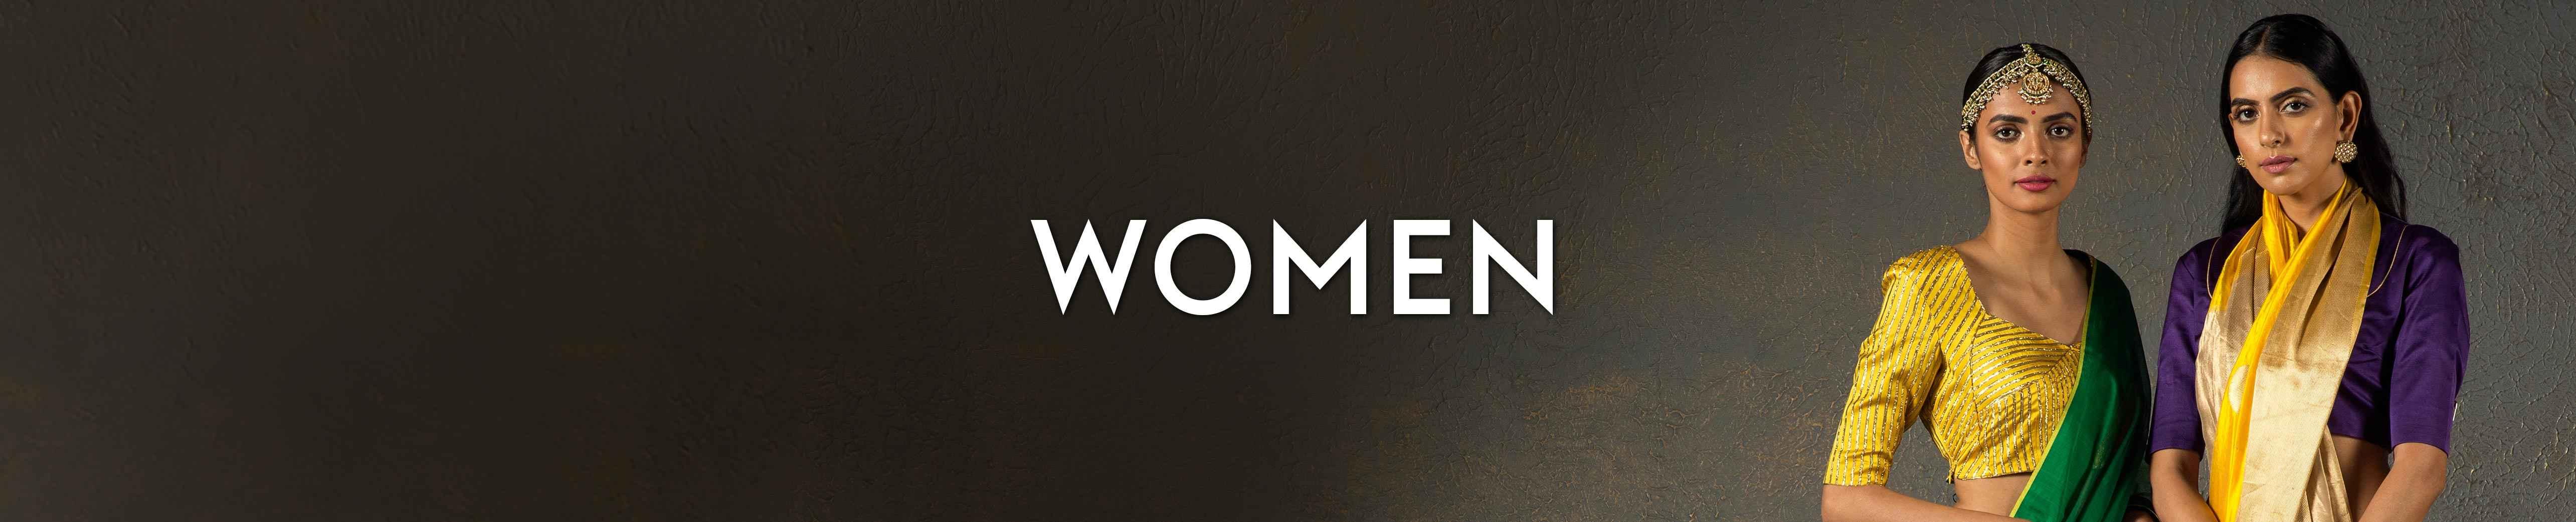 women rent